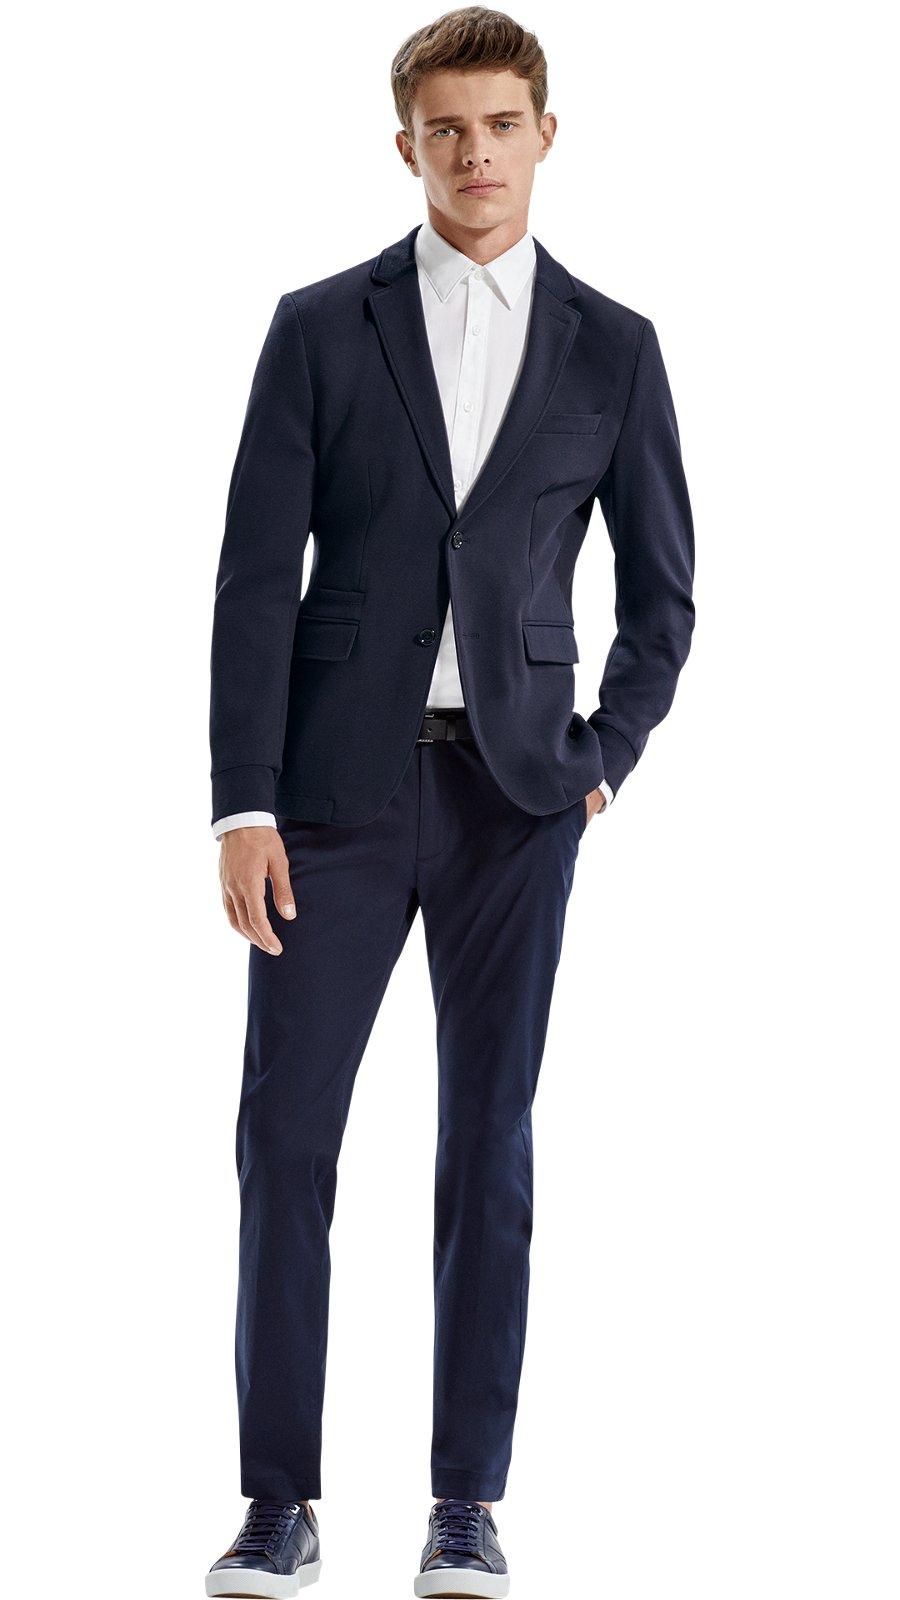 Anzug-Guide von BOSS - Stilberatung - HUGO BOSS Herren